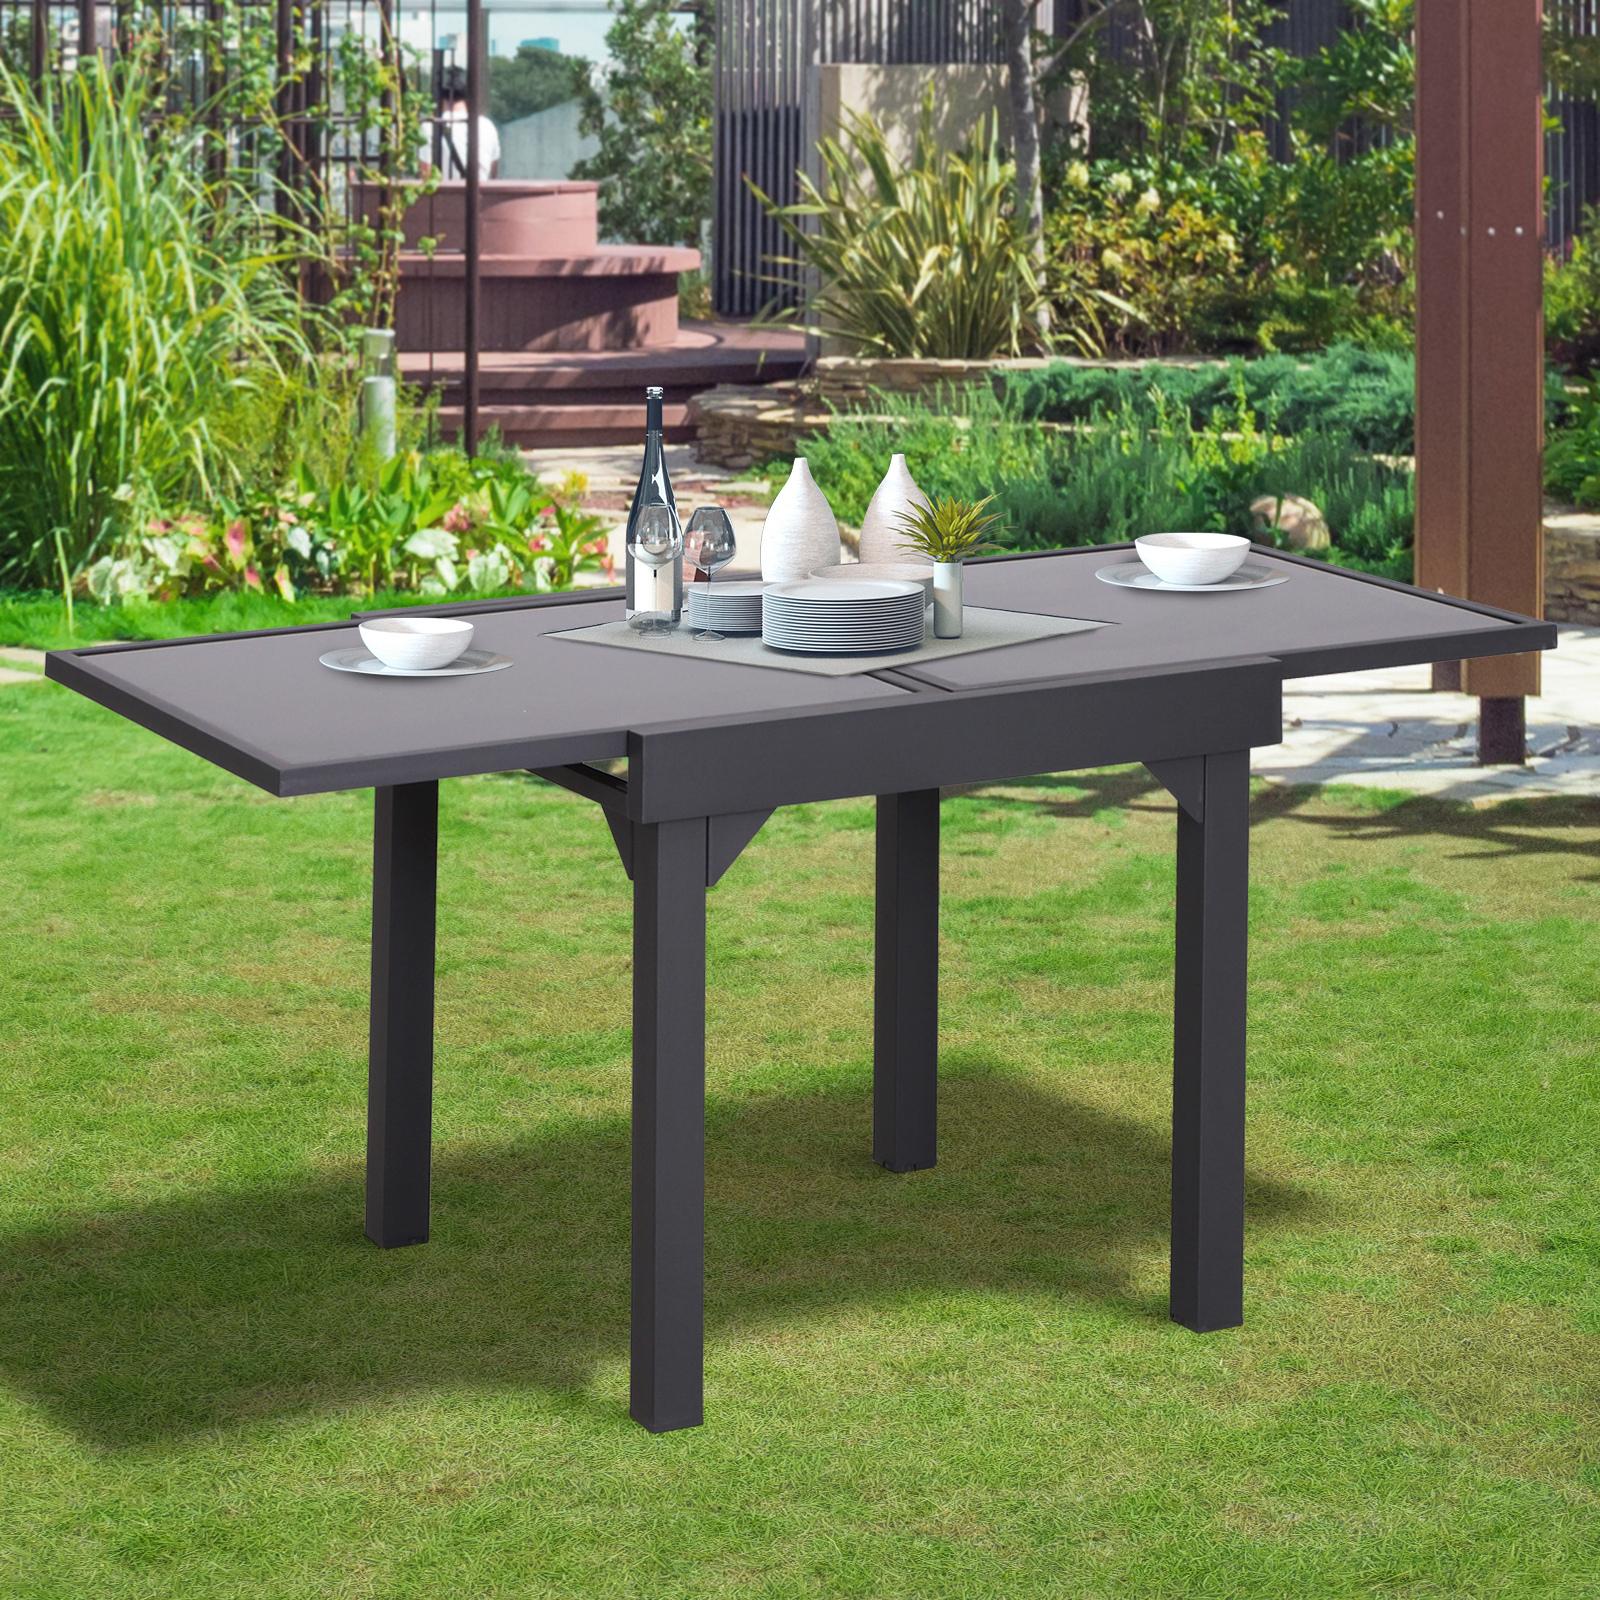 Meubles de jardin, terrasse Outsunny Table de Jardin Aluminium Table ...